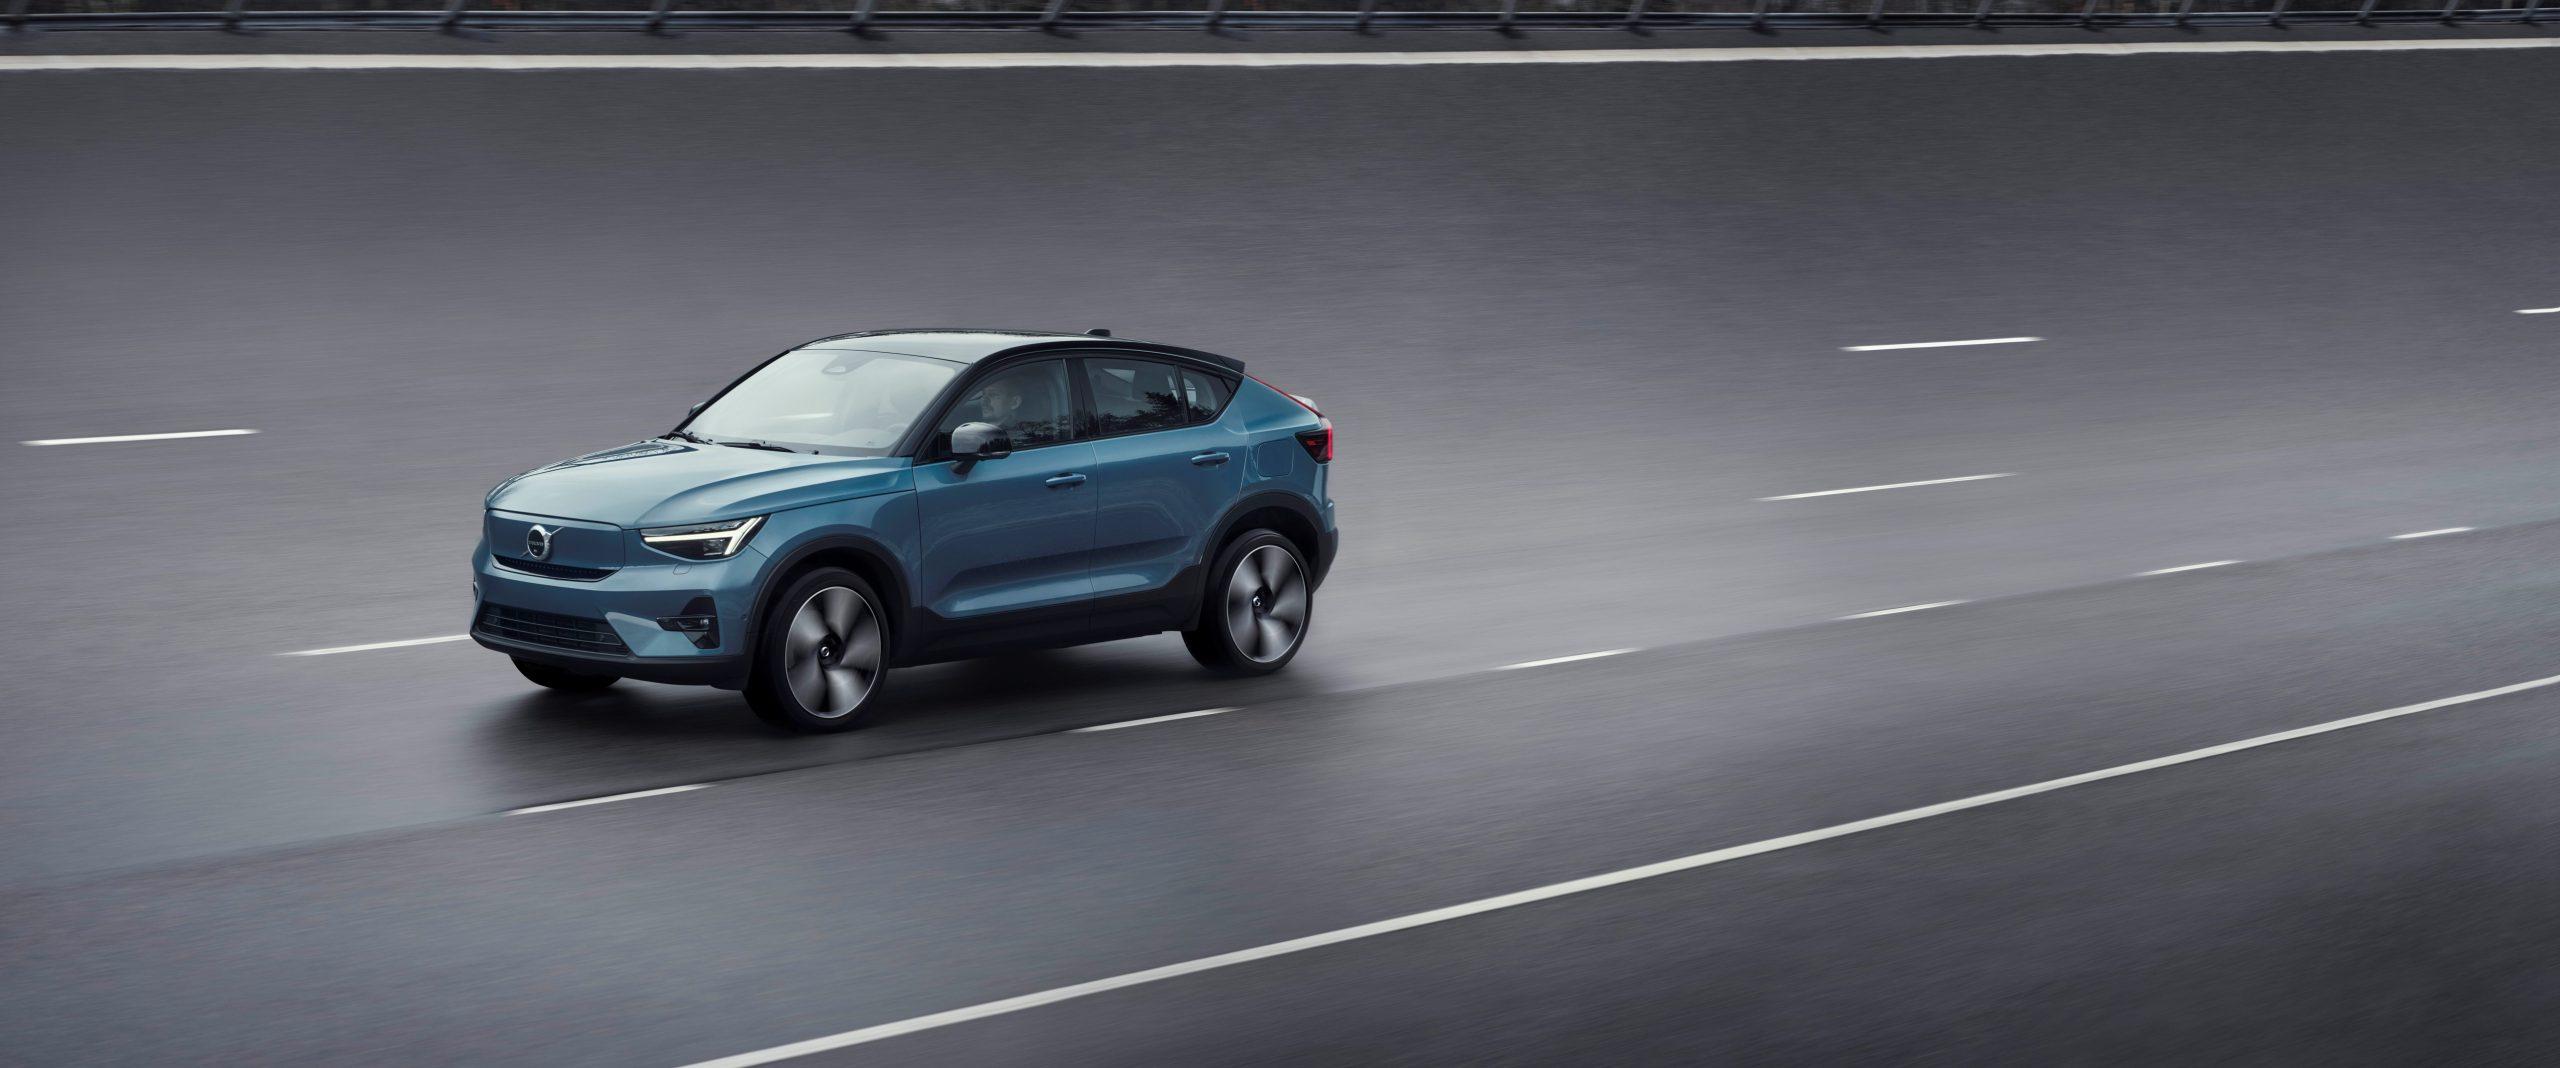 Volvo Cars lanceert nieuwe, volledig elektrische Volvo C40 Recharge